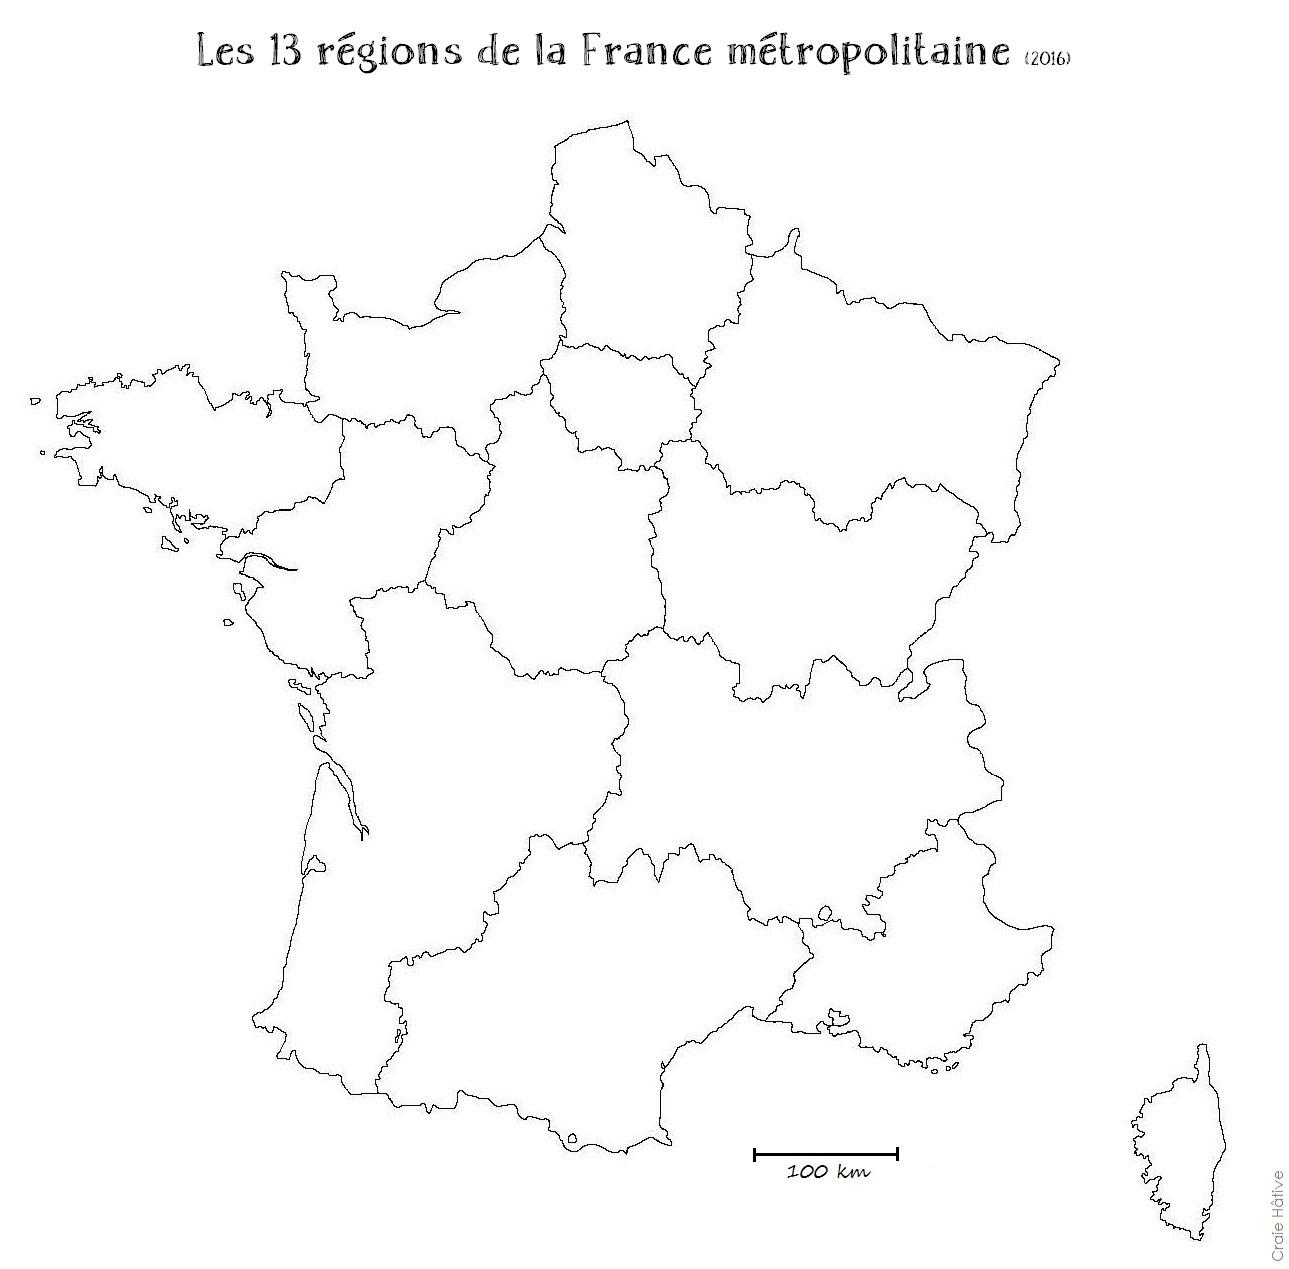 Cartes Des Régions De La France Métropolitaine - 2016 serapportantà Les 22 Régions De France Métropolitaine